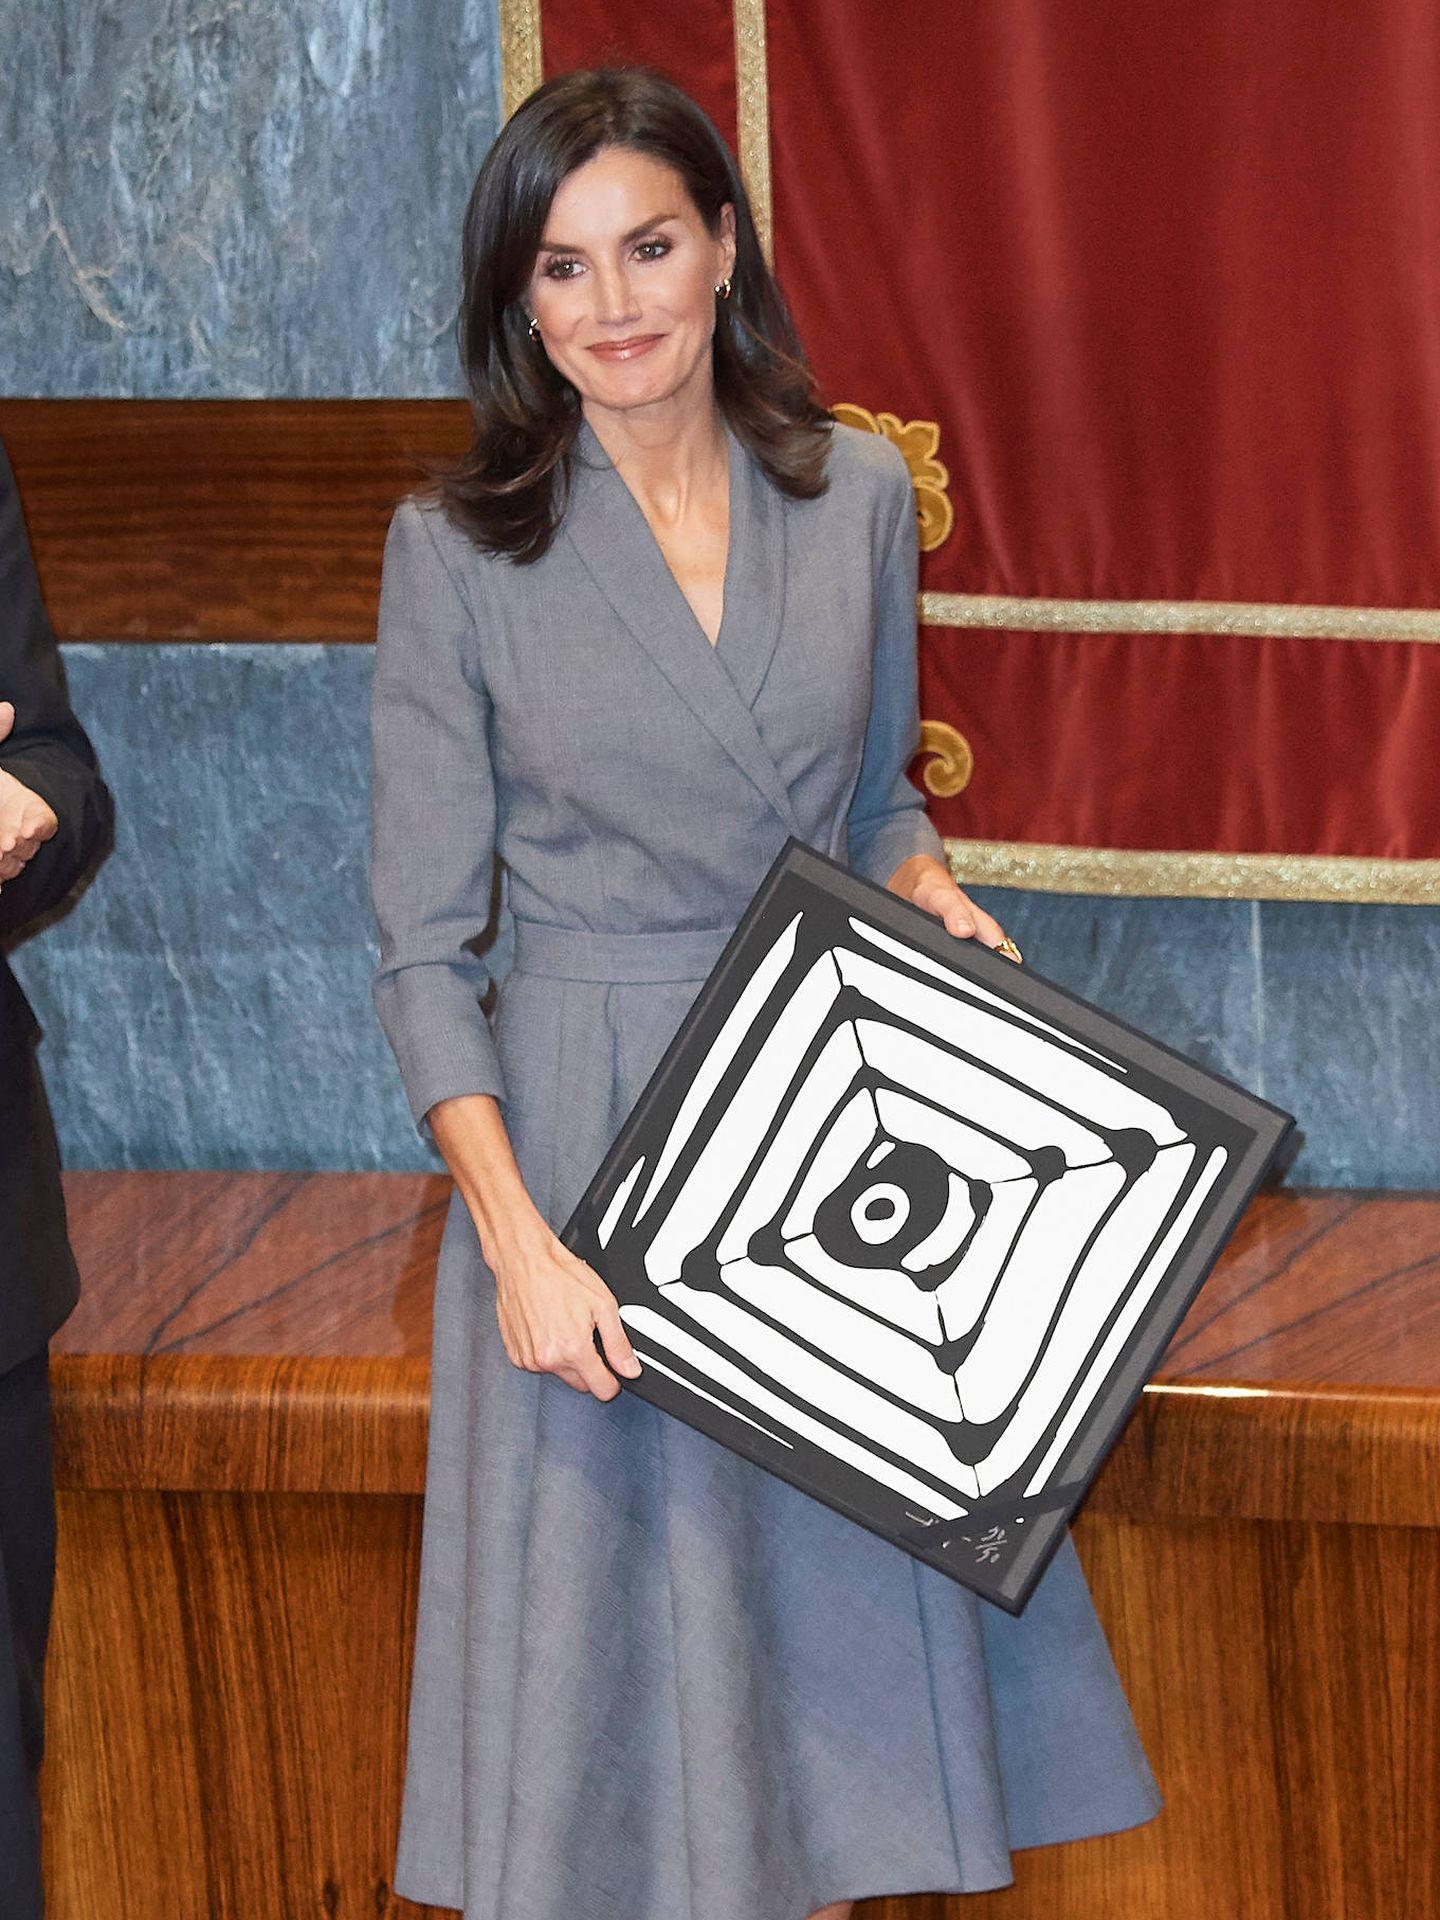 La reina Letizia, recibiendo un premio del Observatorio de la Violencia de Género. (Limited Pictures)